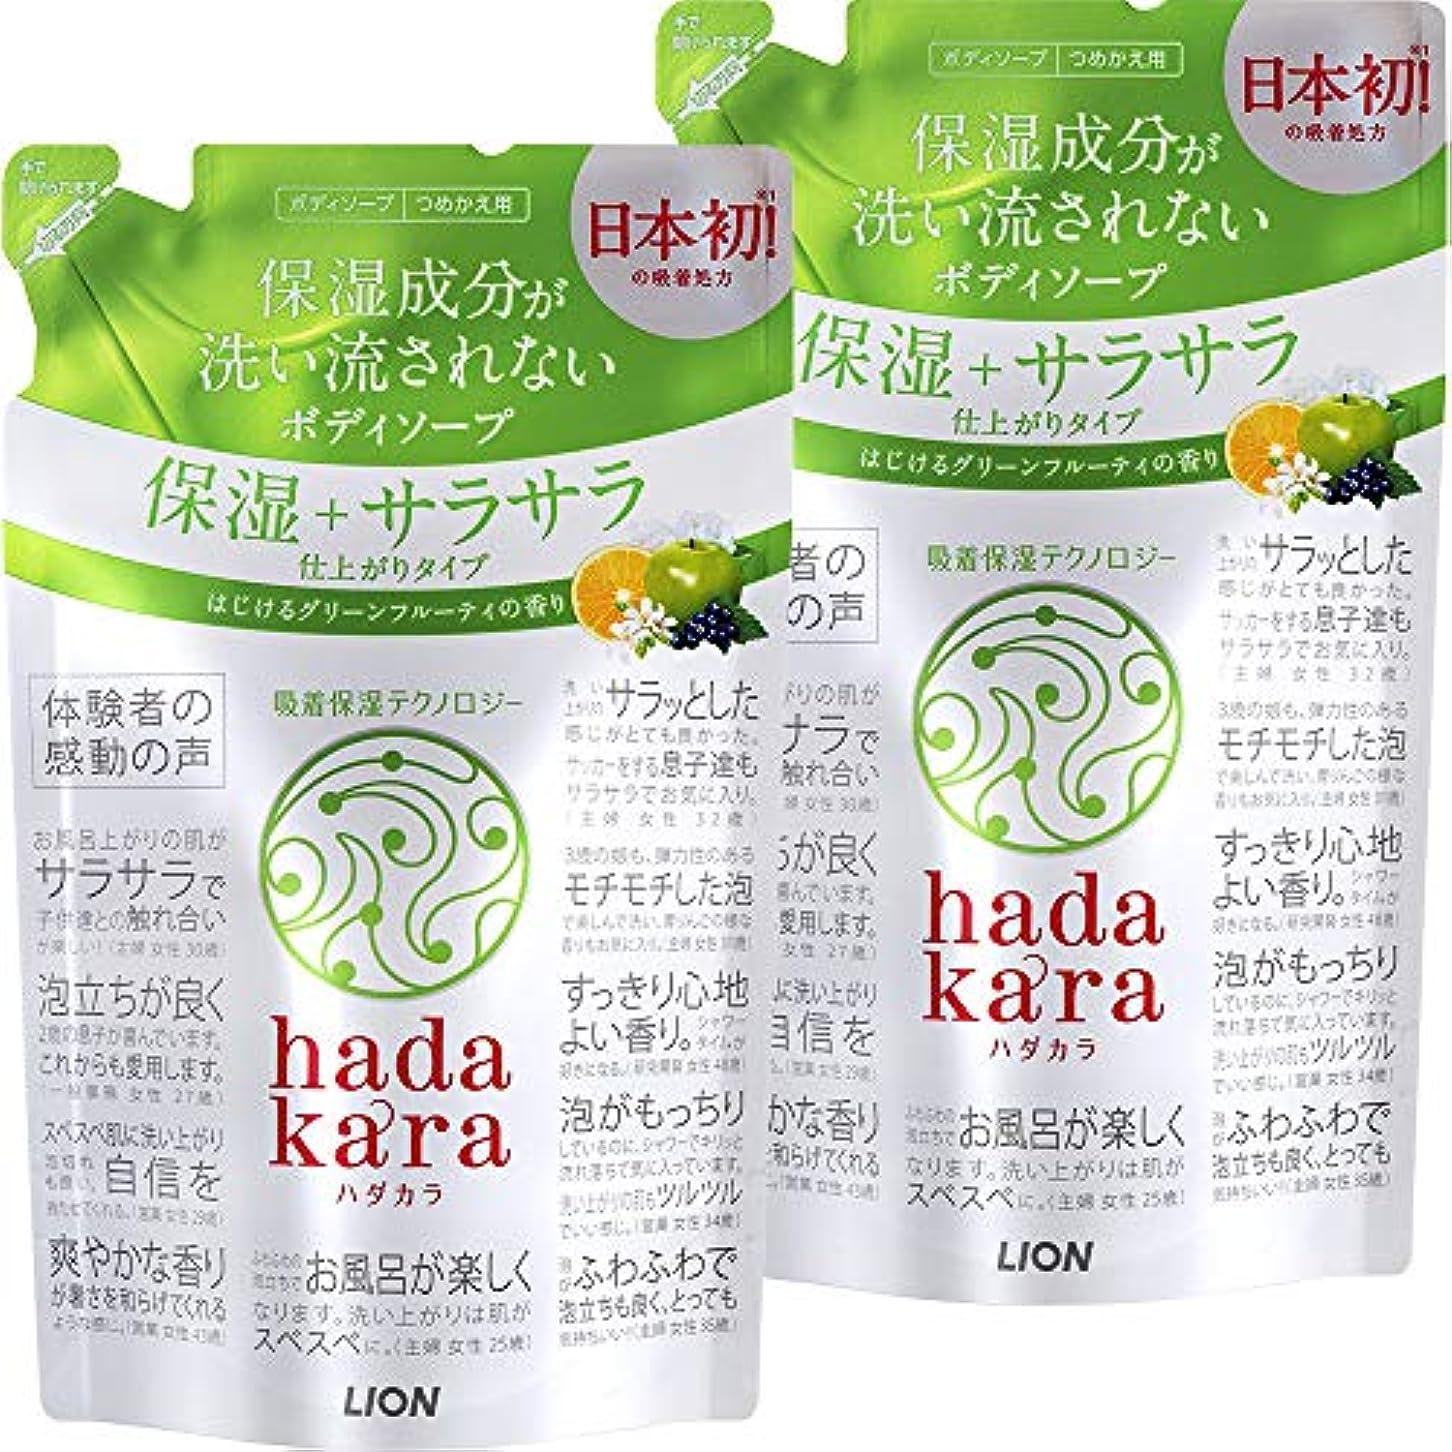 追い付く慢アルカイック【まとめ買い】hadakara(ハダカラ) ボディソープ 保湿+サラサラ仕上がりタイプ グリーンフルーティの香り 詰め替え 340ml×2個パック